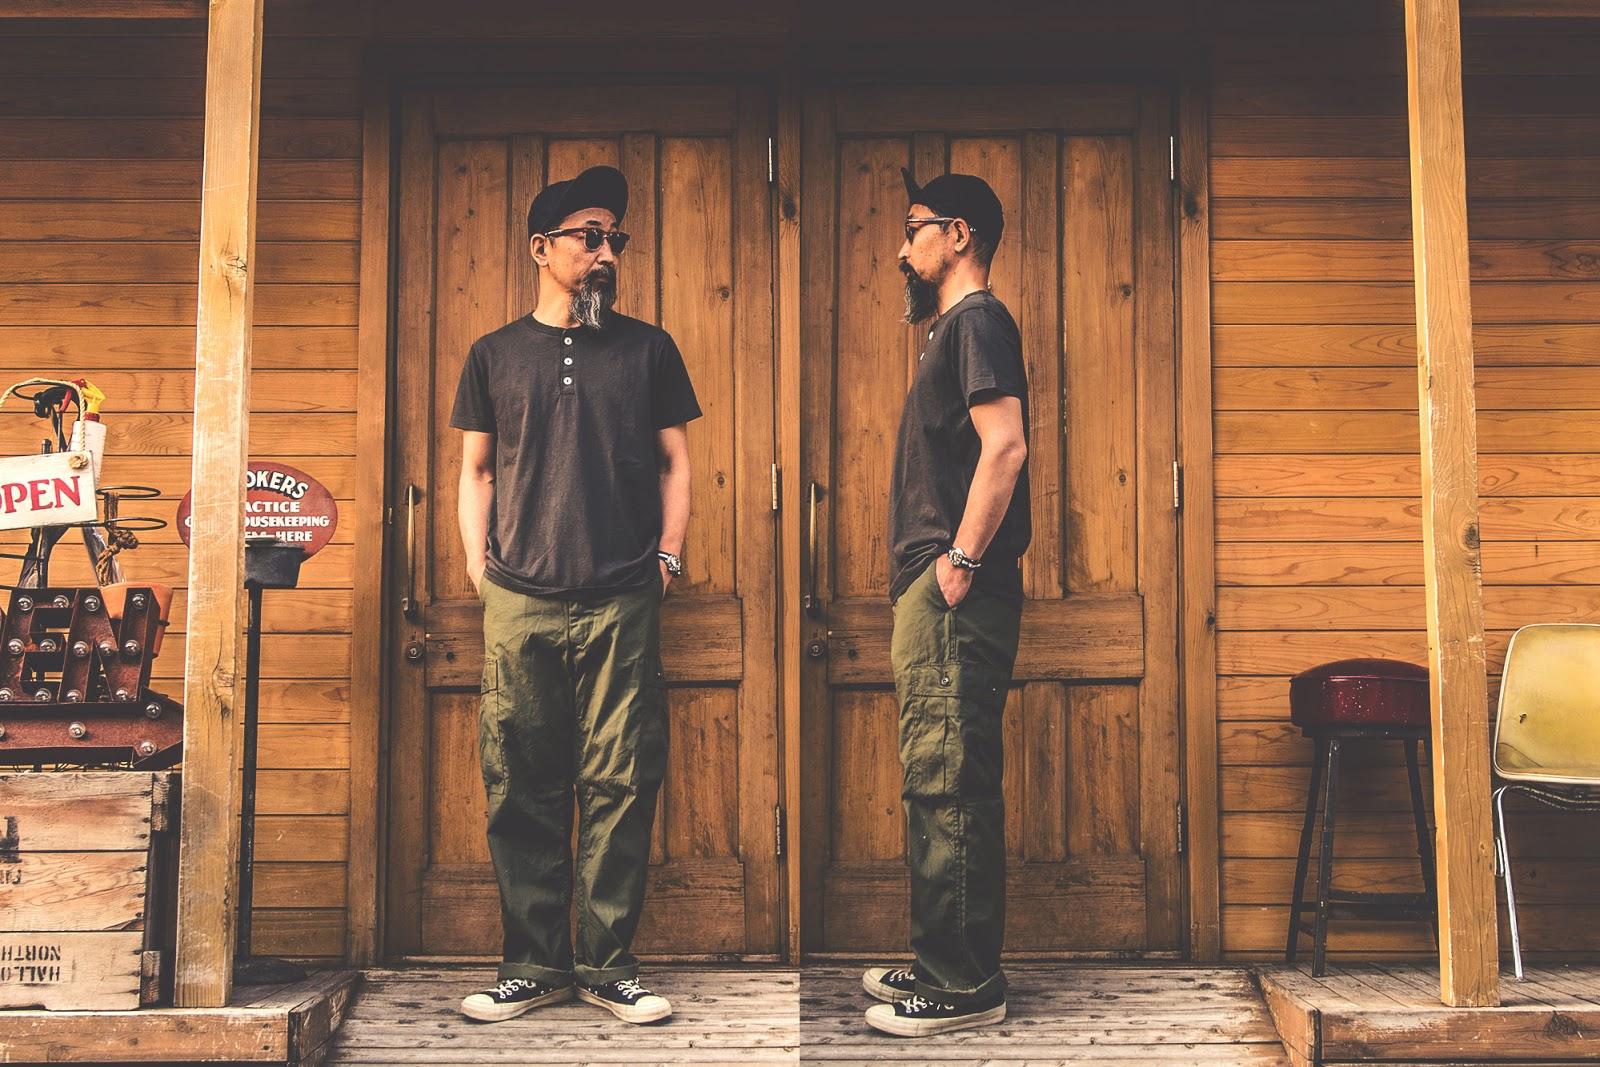 ベルバシーン ピグメント ヘンリーネック  アメリカ製 ヘンリーネック 通販 Tシャツ